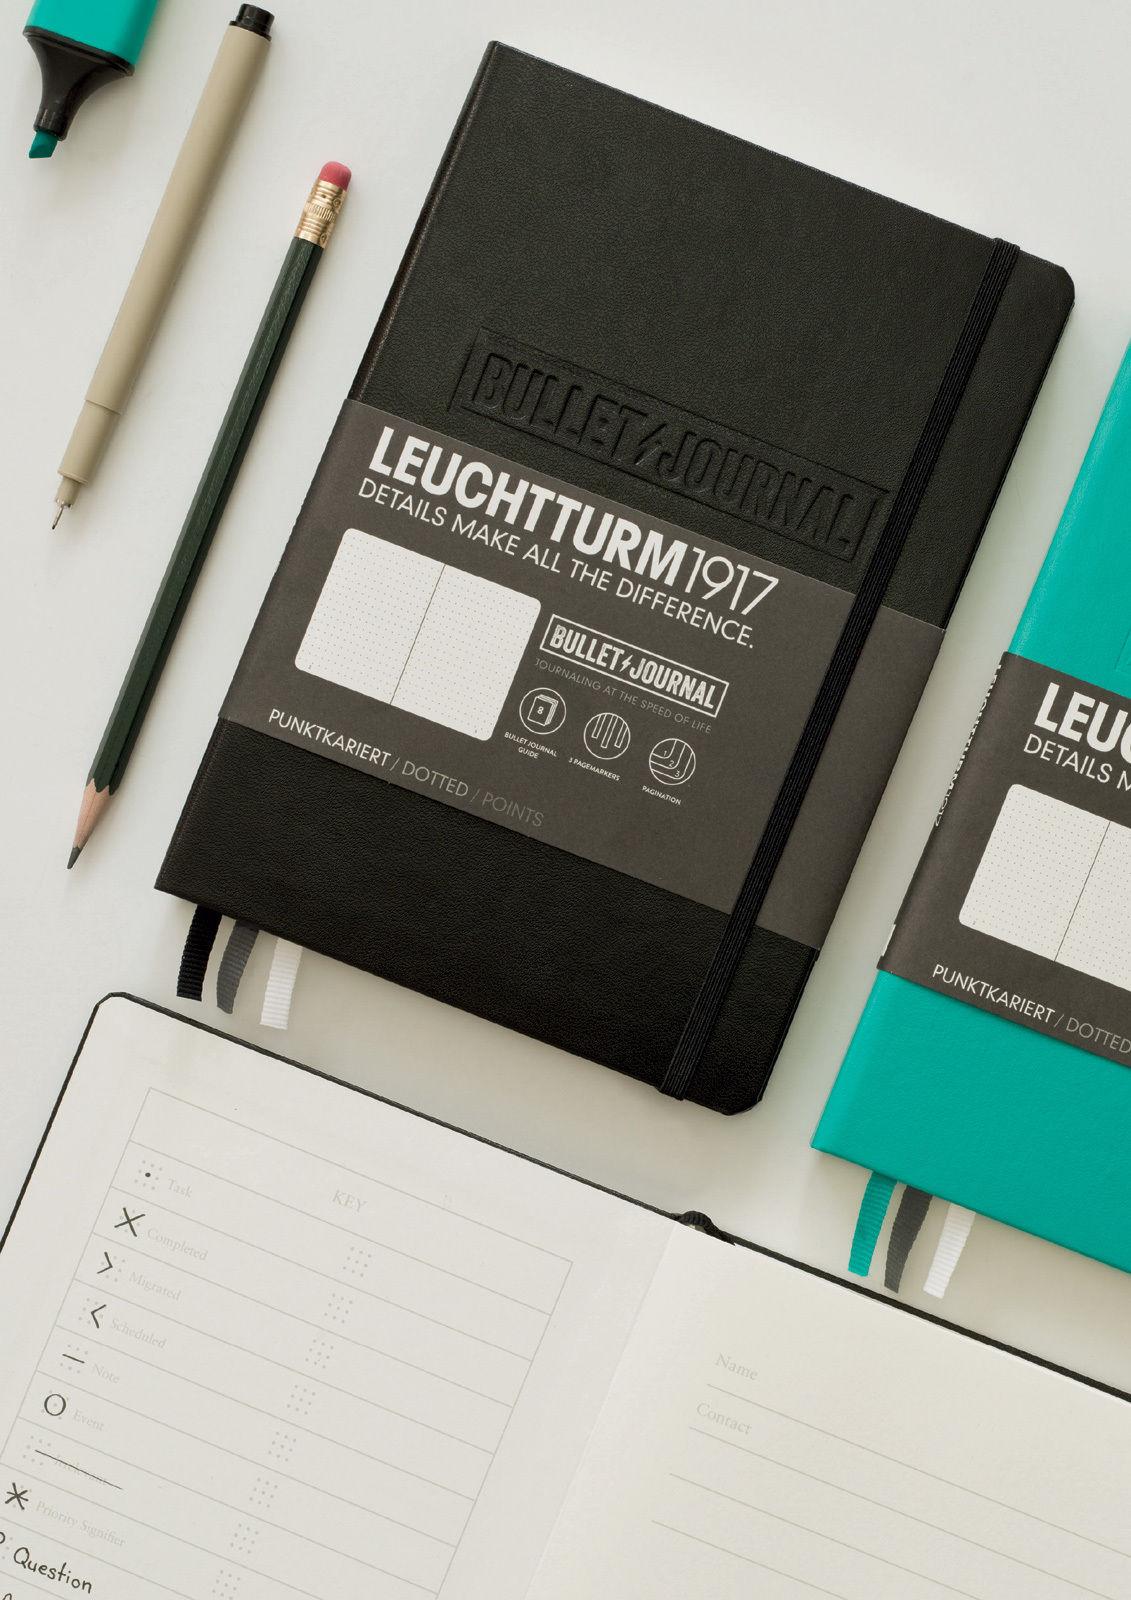 Leuchtturm1917-A5-Bullet-Journal-Hardback-Dotted-Notebook-Black-Emerald-Green-152417817170-2